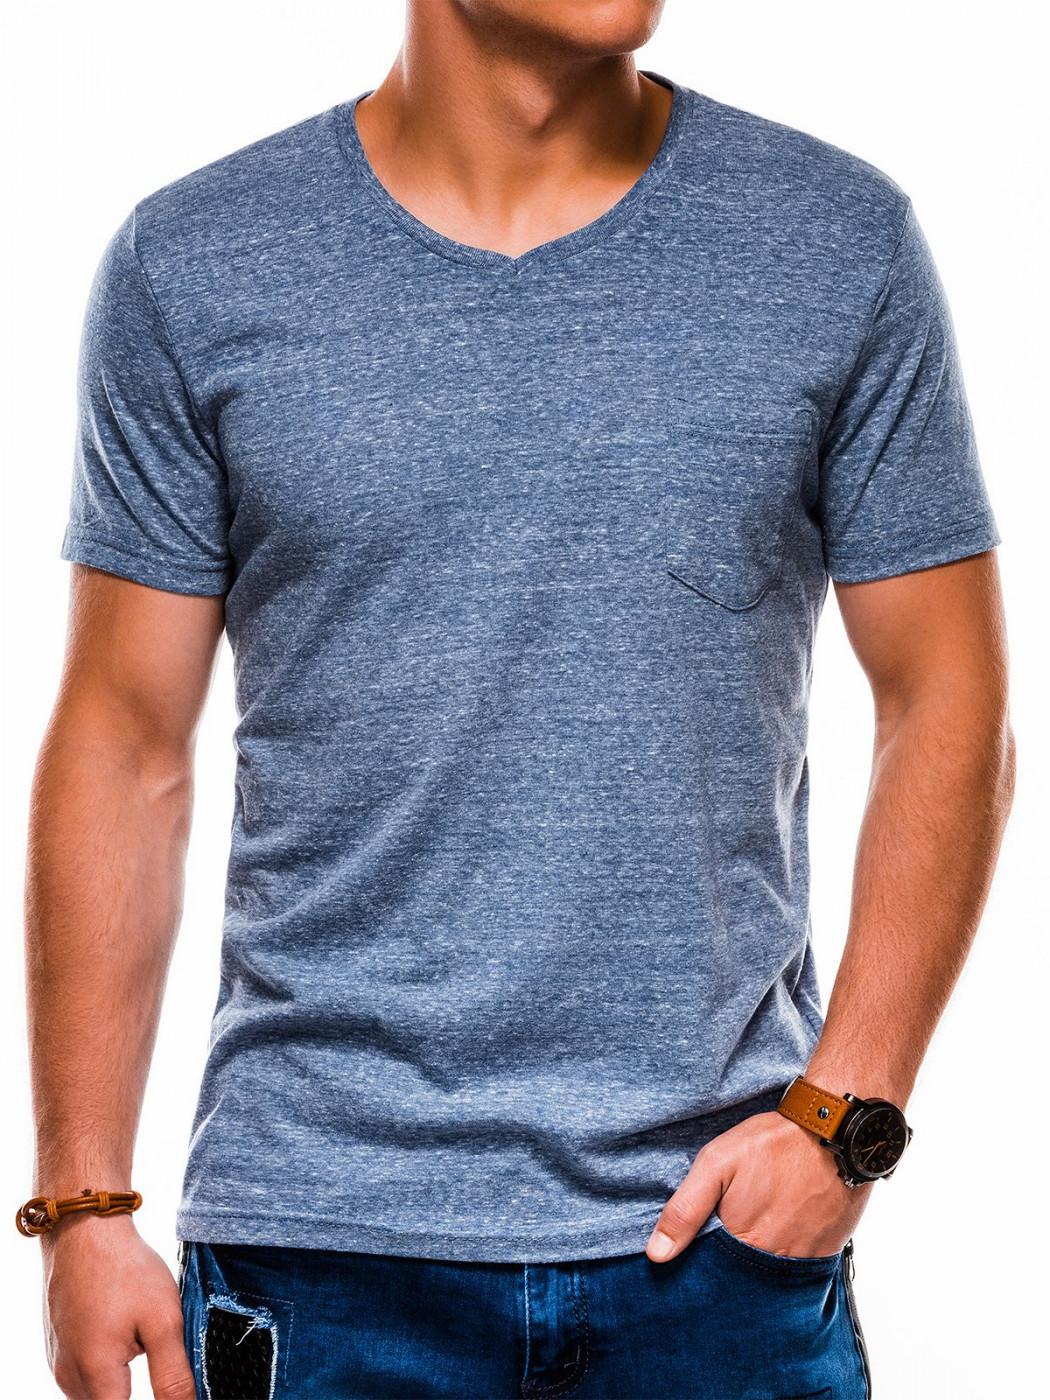 Ombre Clothing Men's plain t-shirt S1045